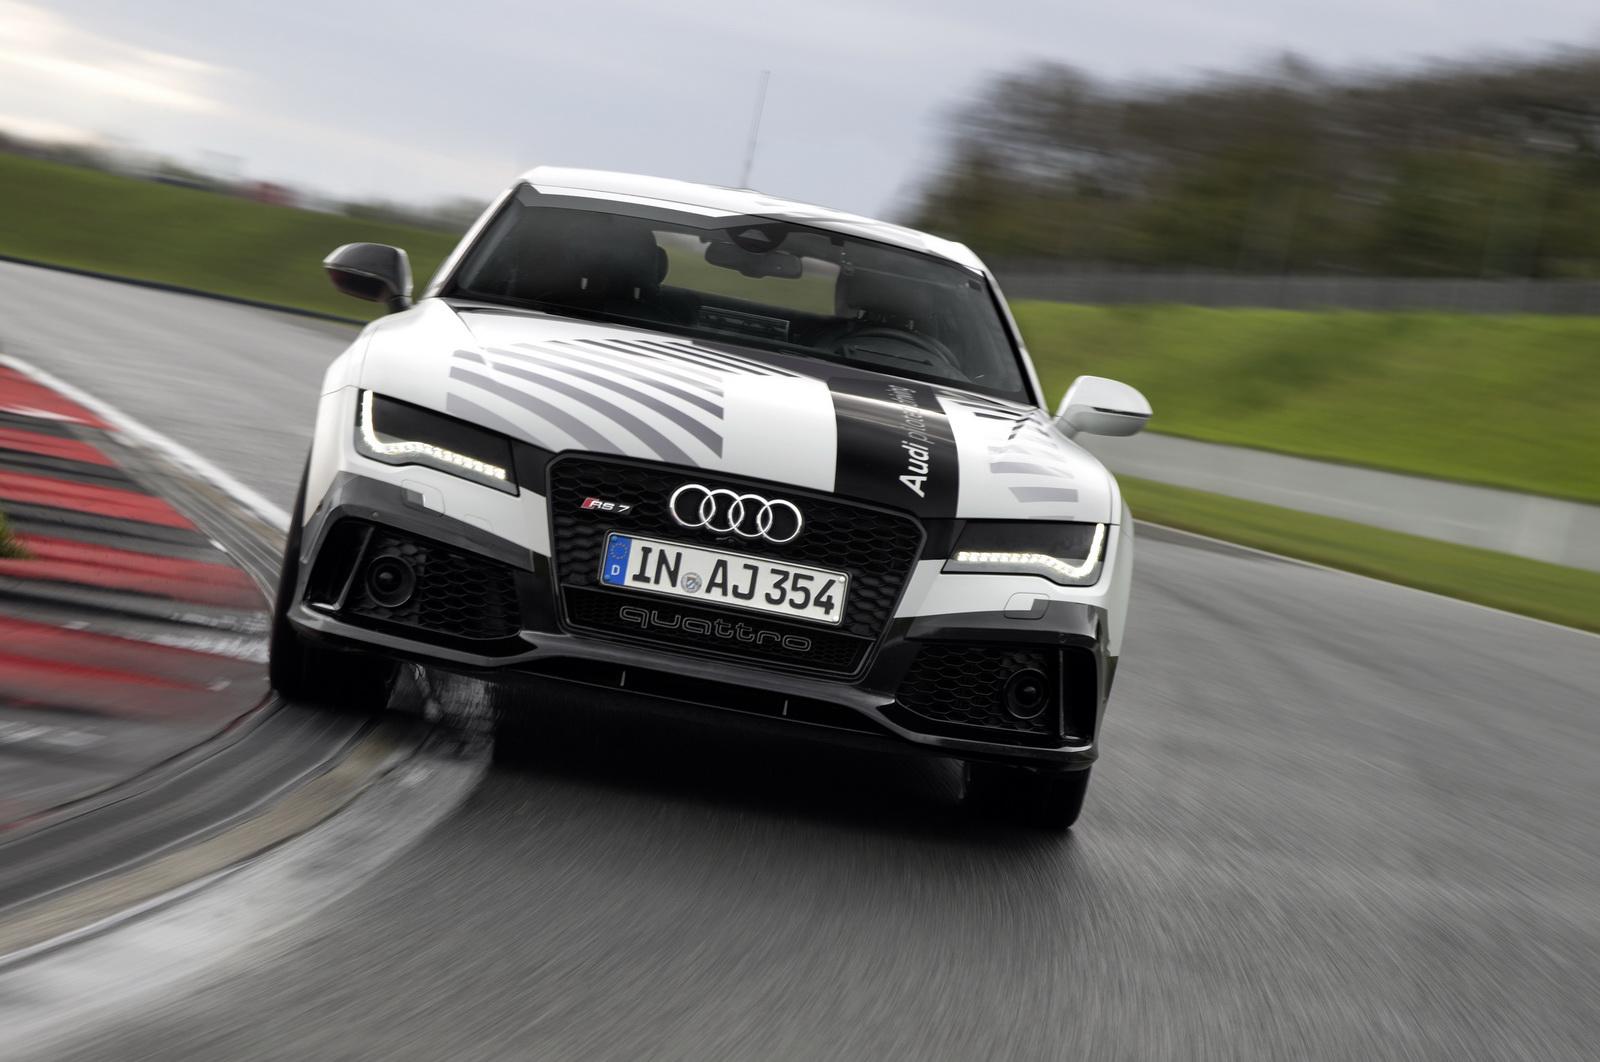 Audi RS7 Concept có thiết kế thể thao và trang bị động cơ có công suất lên đến 552 mã lực